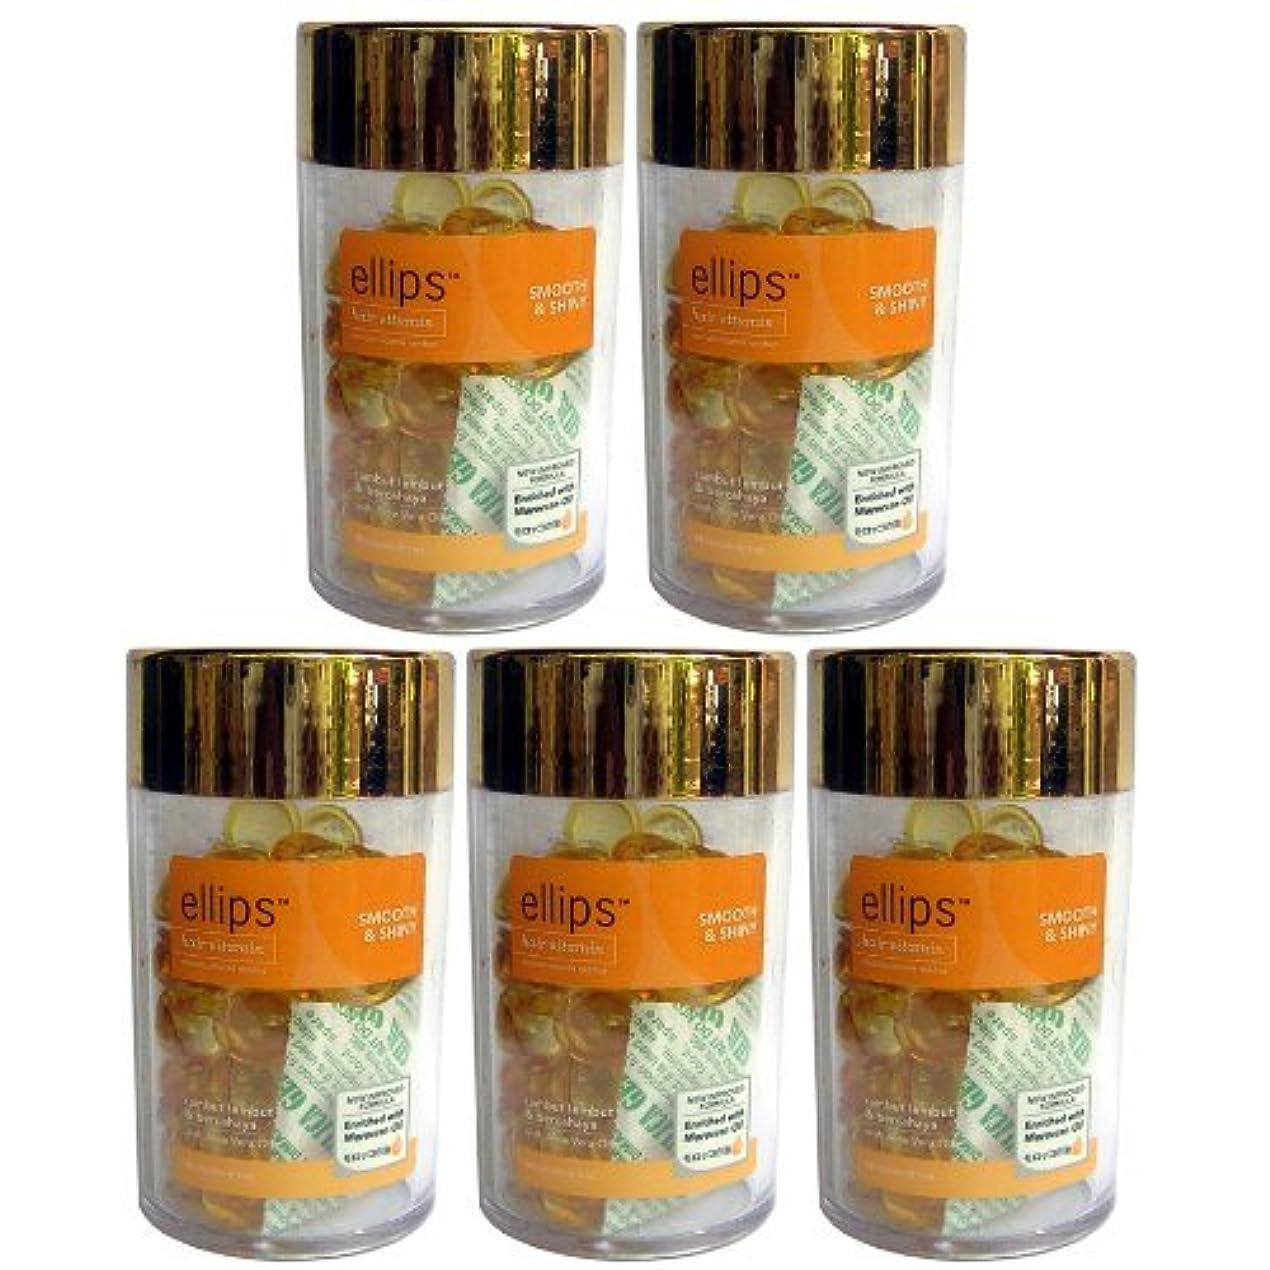 正当化するロケーション研究Ellips(エリプス)ヘアビタミン(50粒入)5個セット [並行輸入品][海外直送品] イエロー